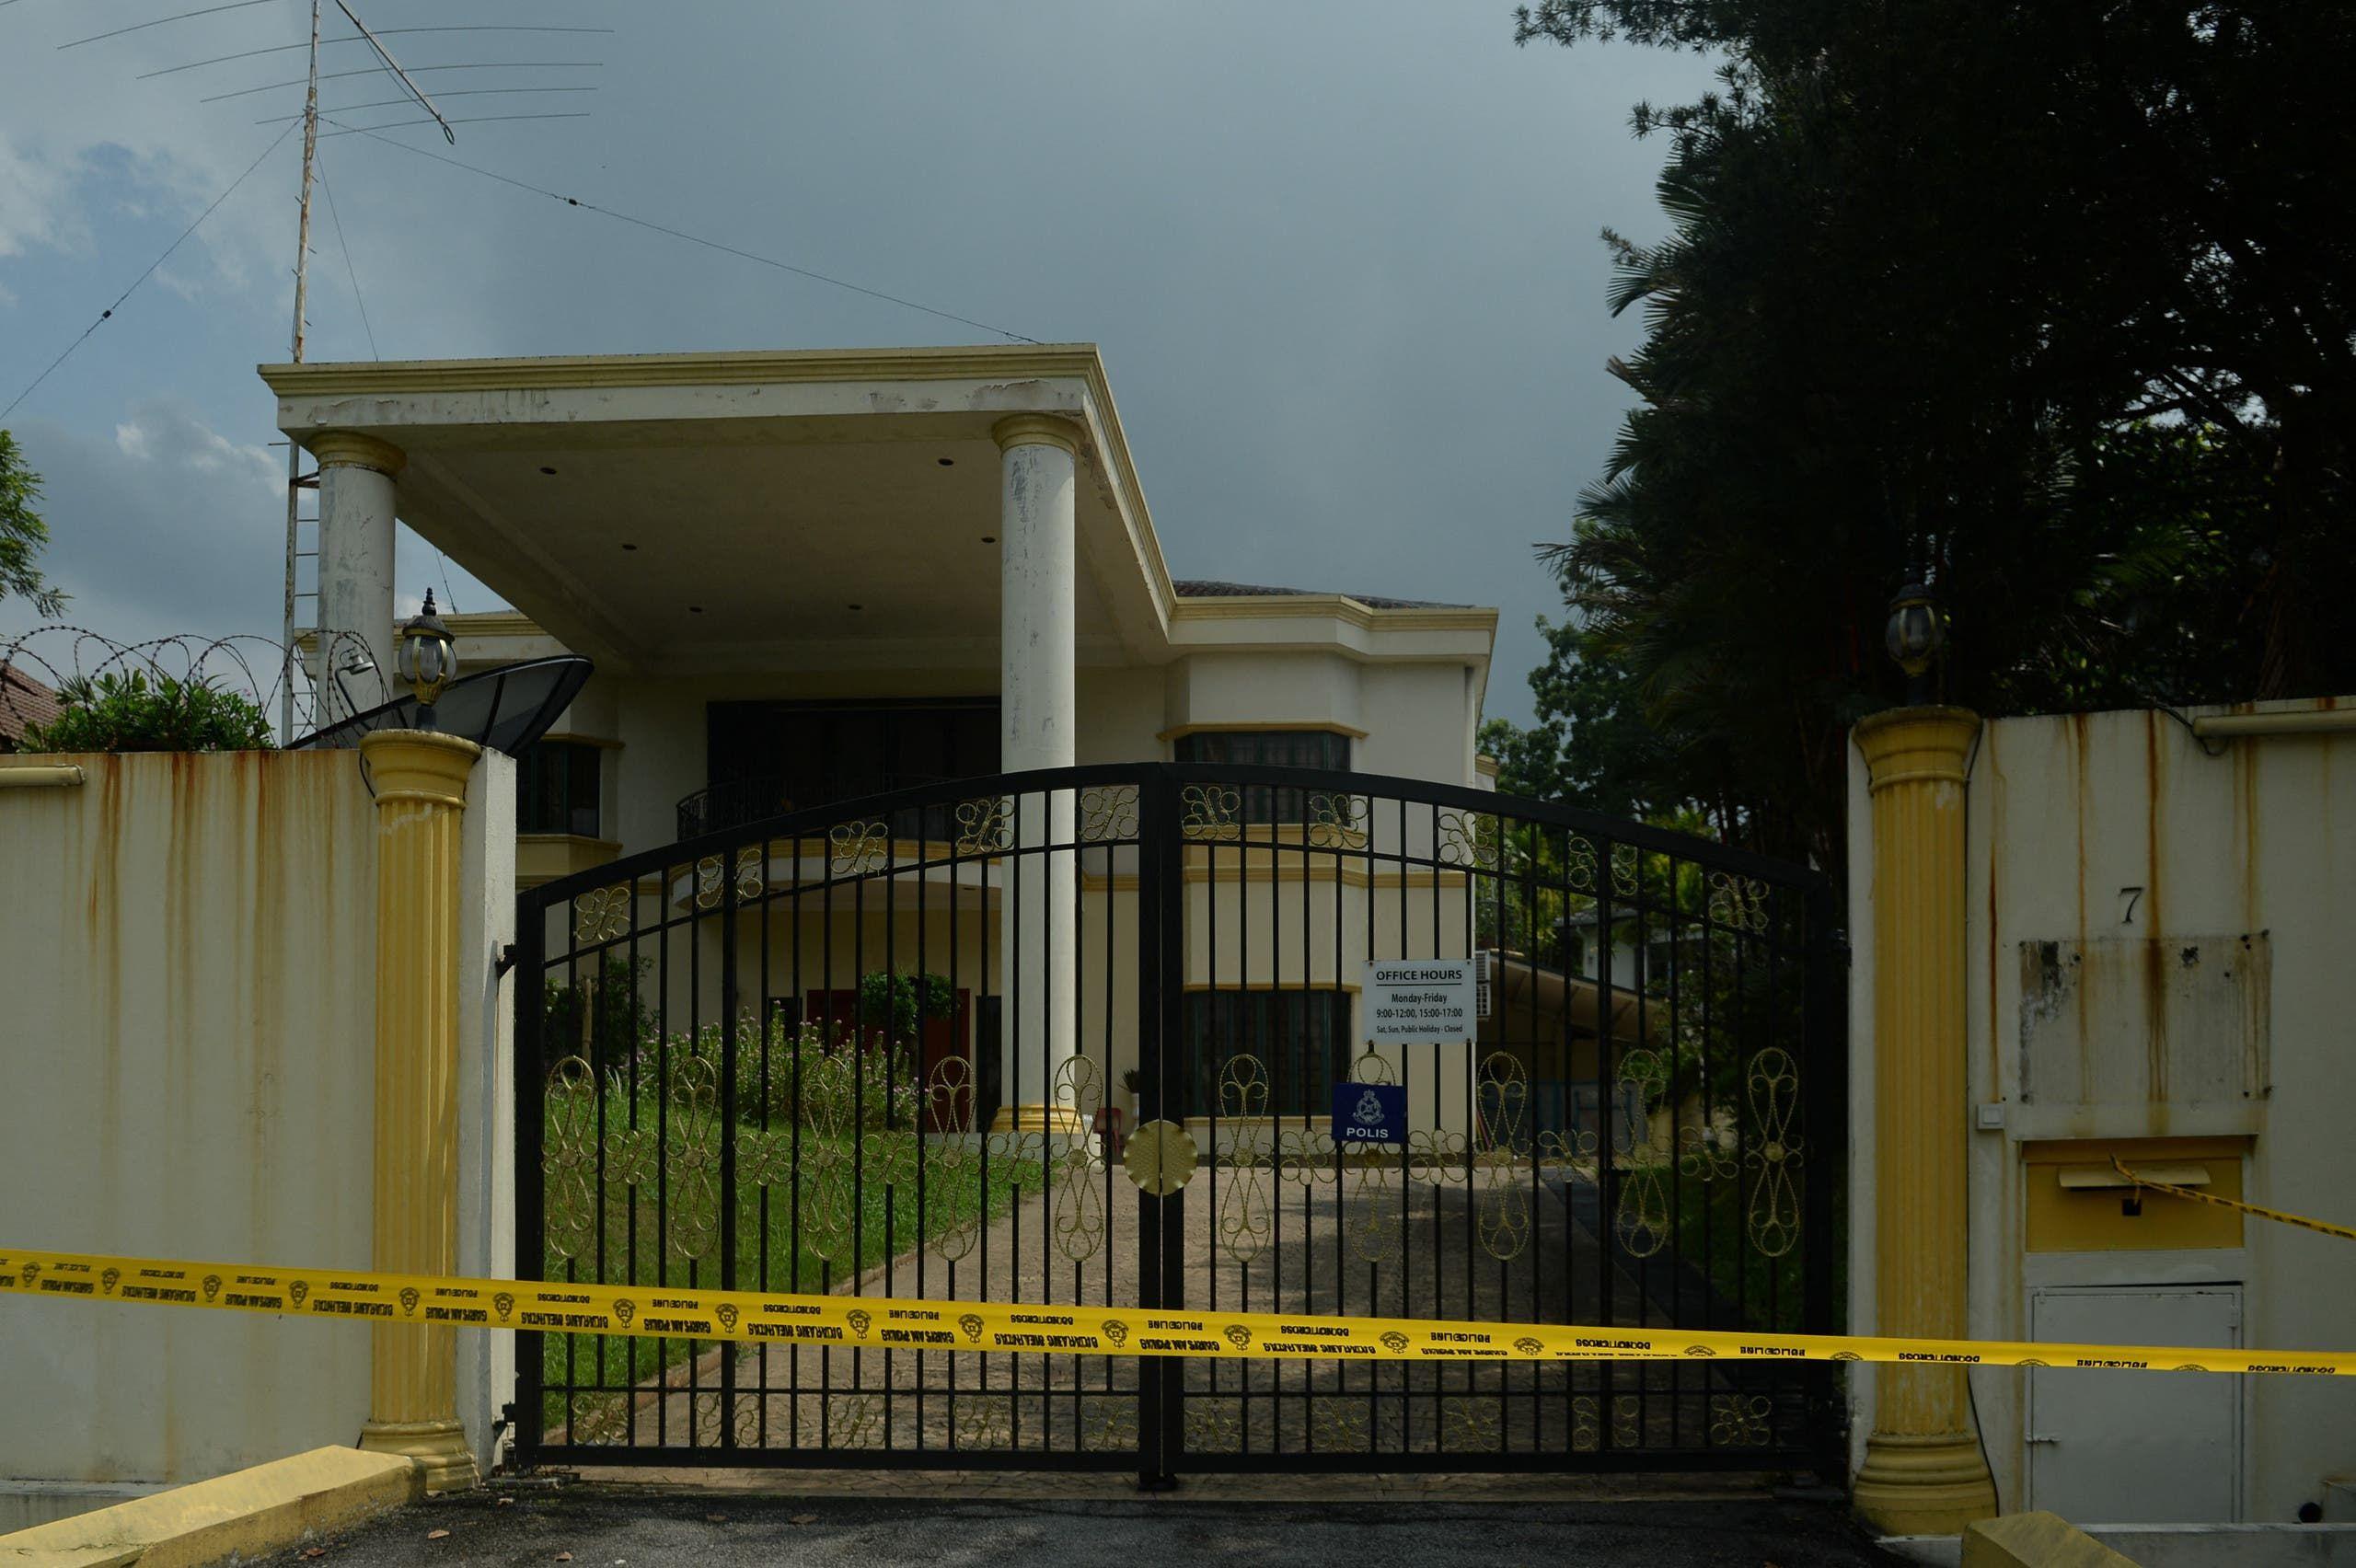 سفارة كوريا الشمالية في كولالمبور بعد إزالة العلم عنها